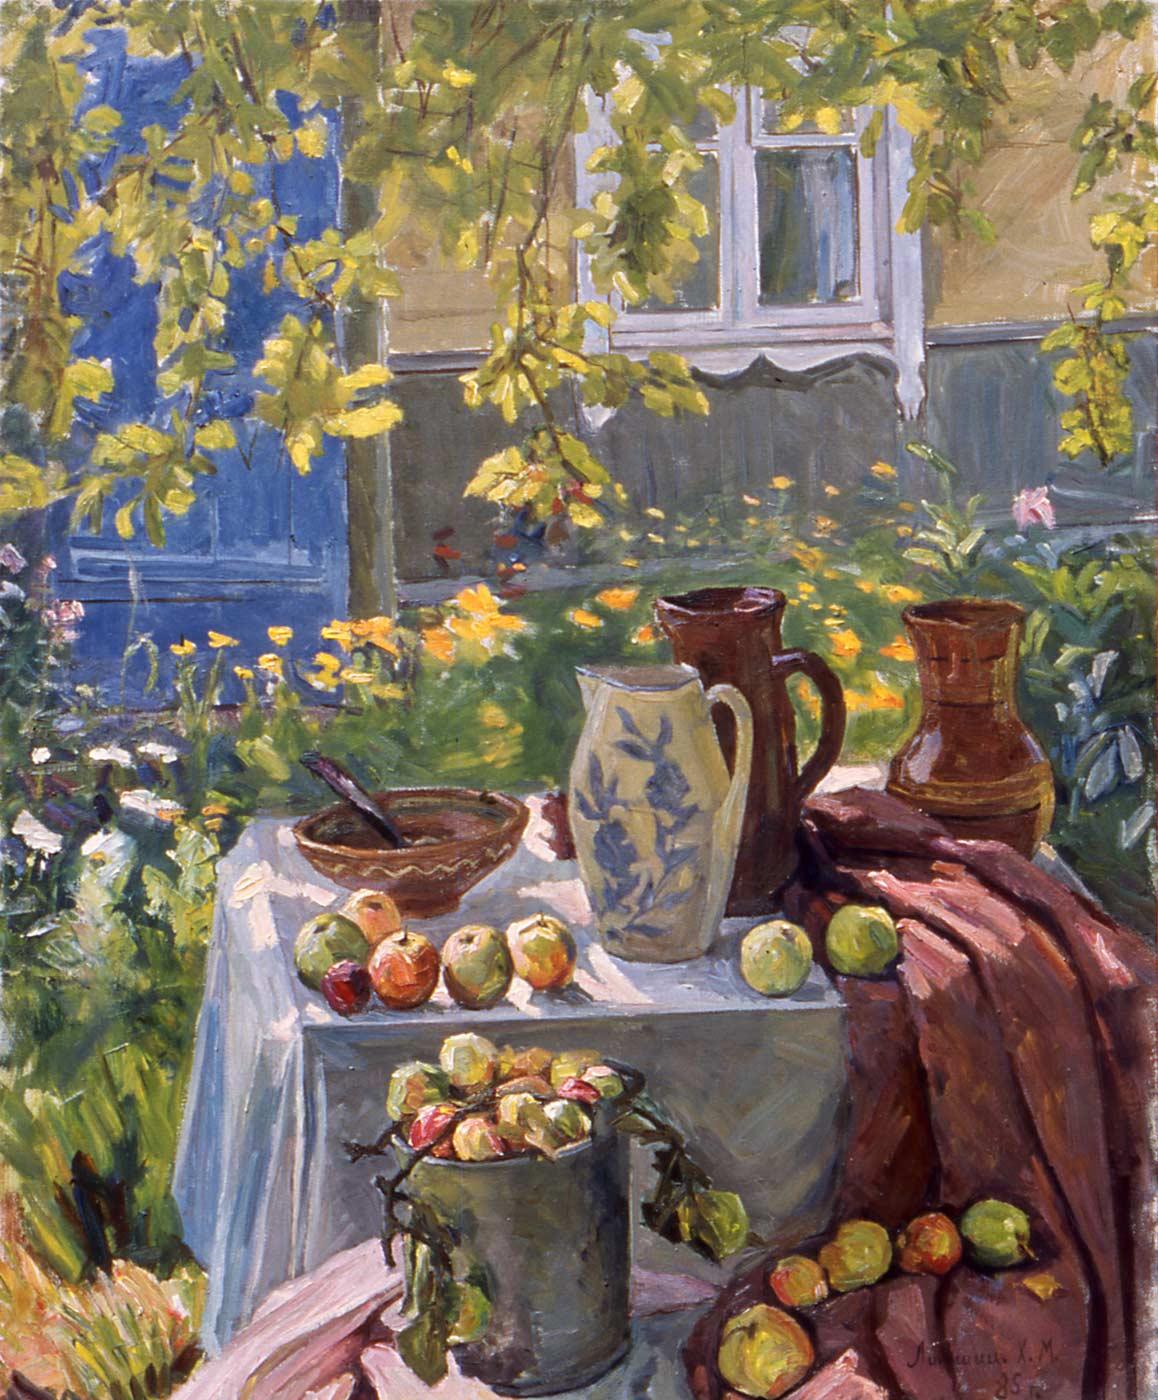 Still Life in the Garden